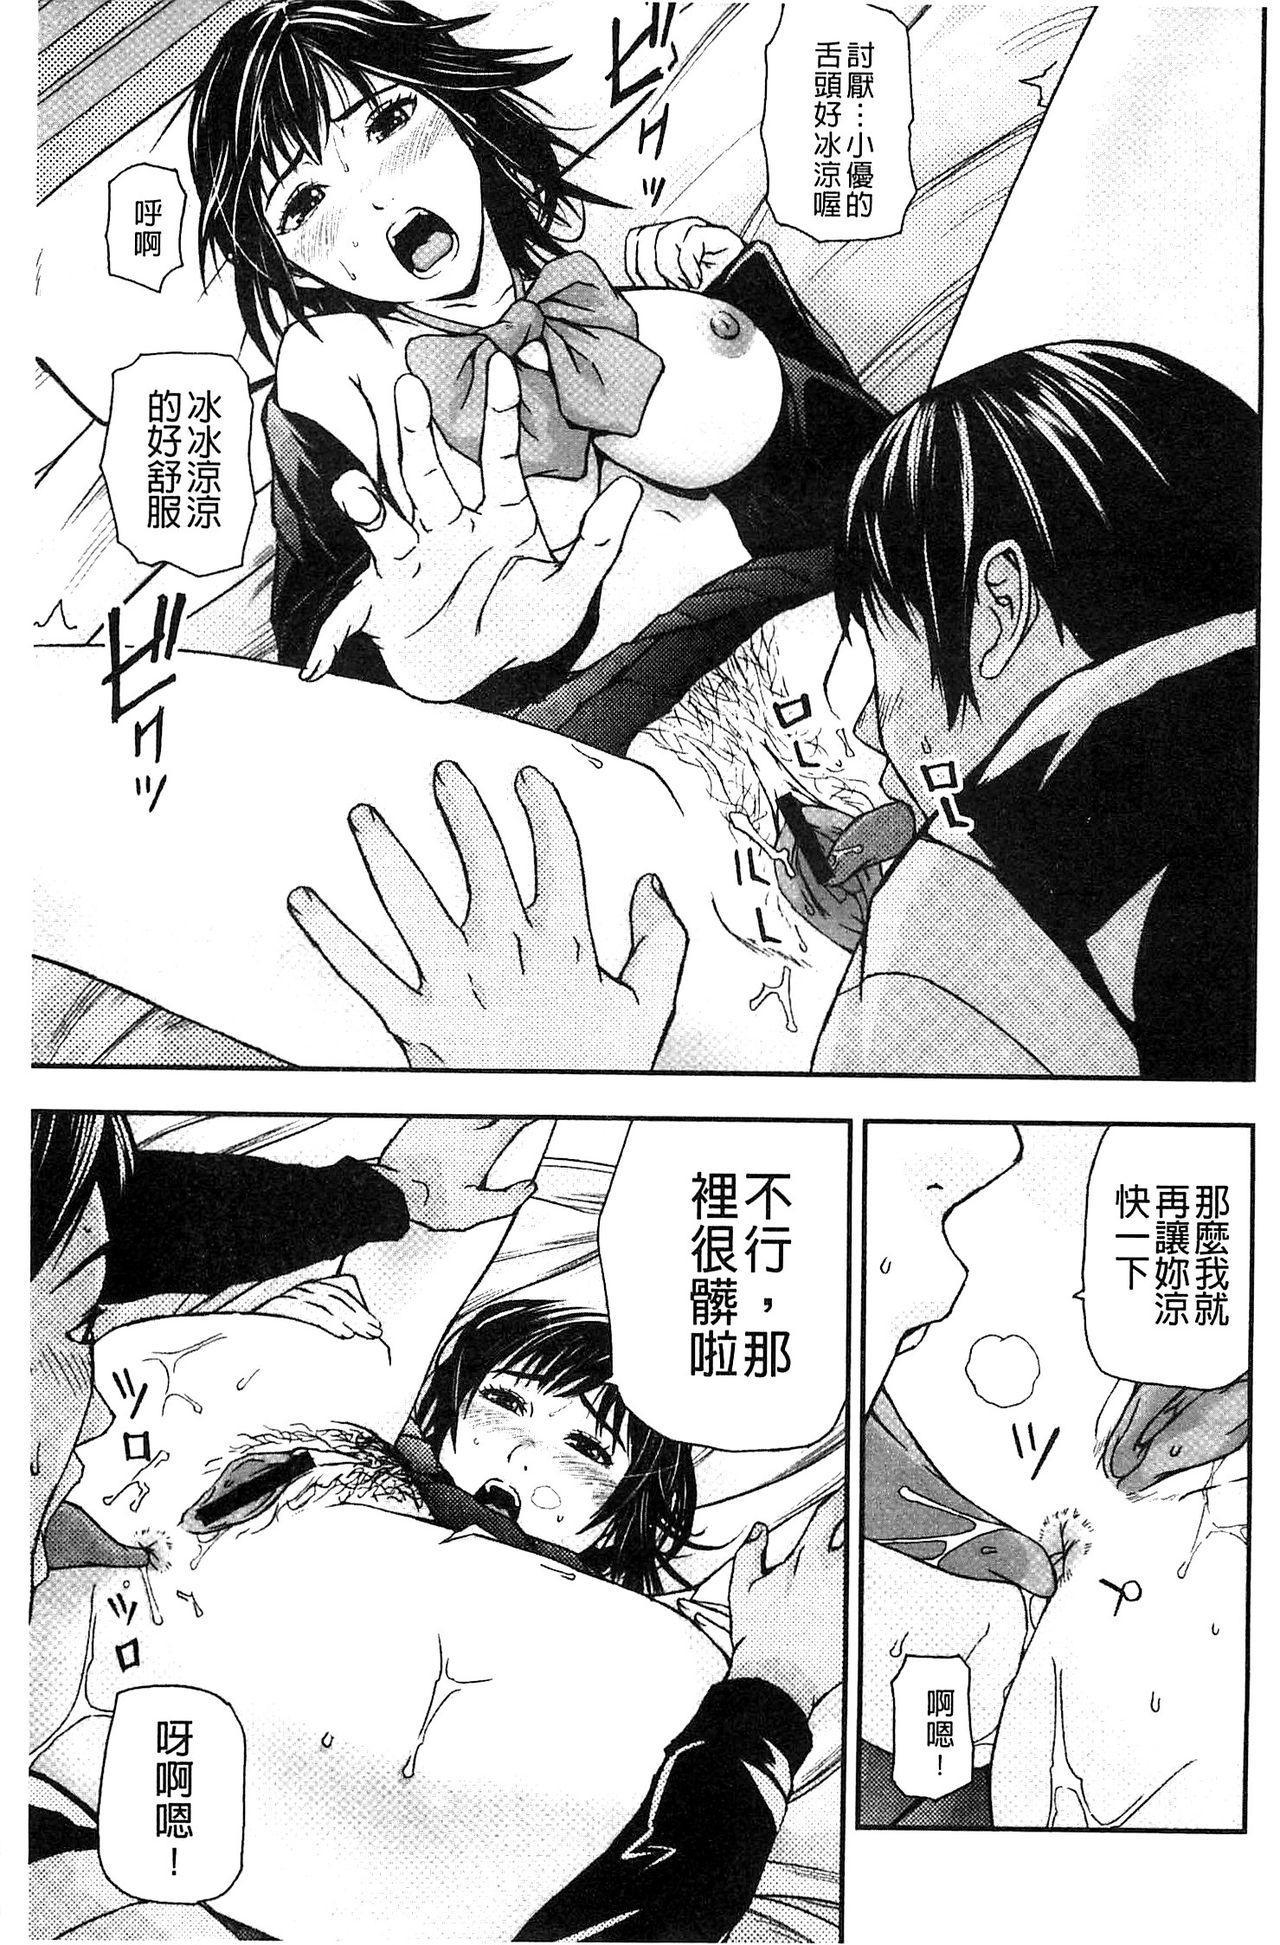 Koijirushi Love Milk | 戀印愛慾鮮乳 148